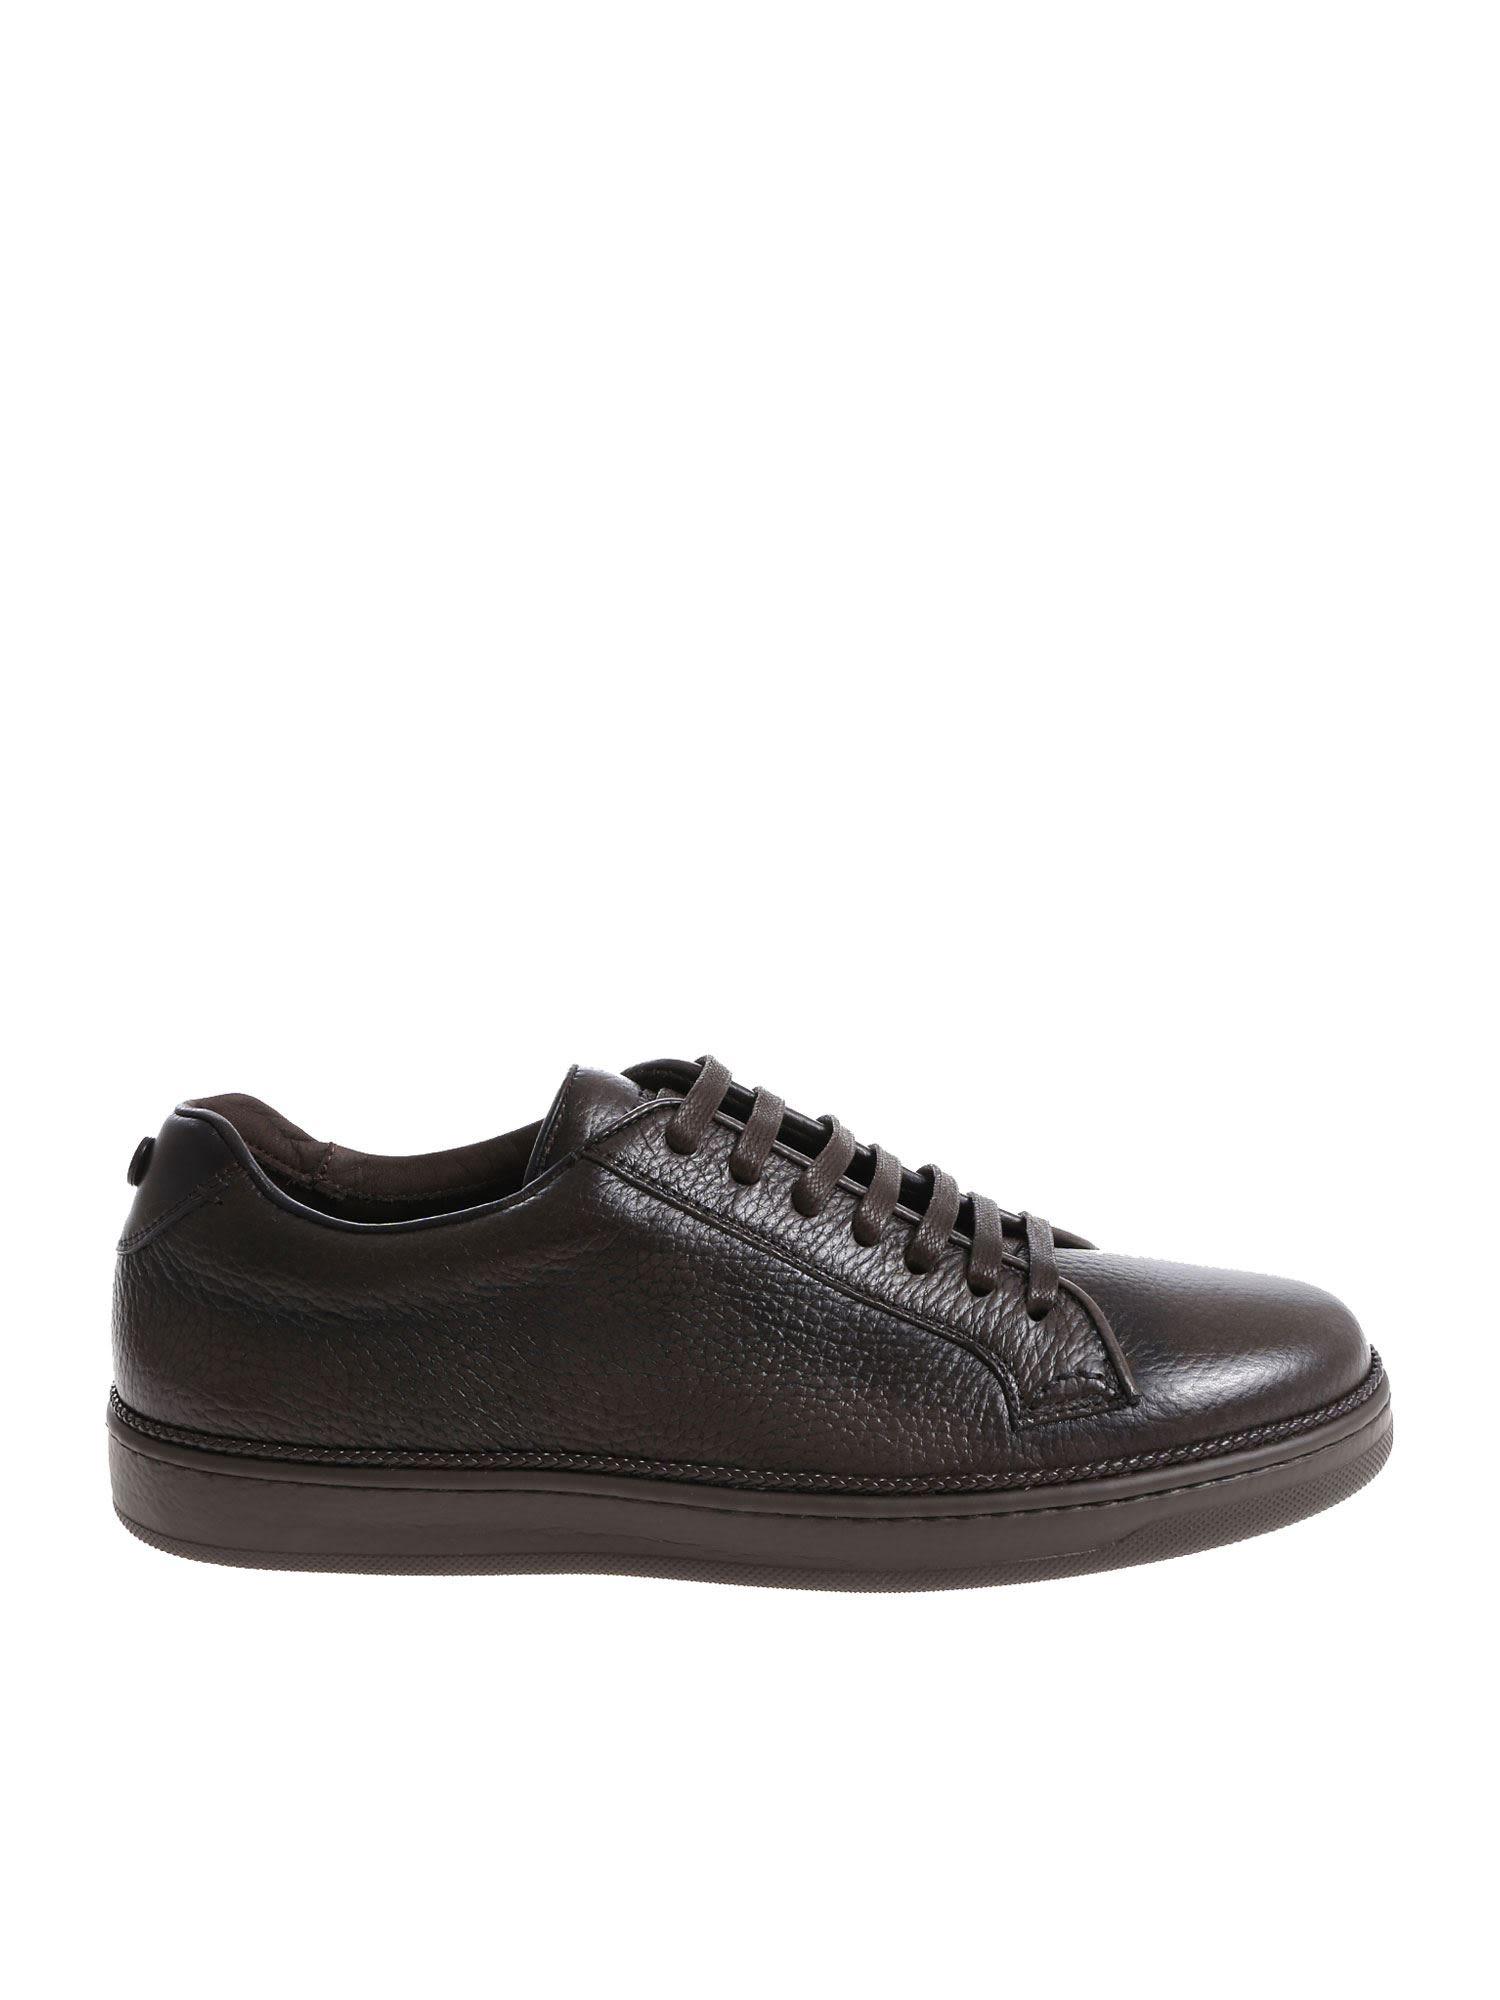 BLU BARRETT Nigel Sneakers in Fango